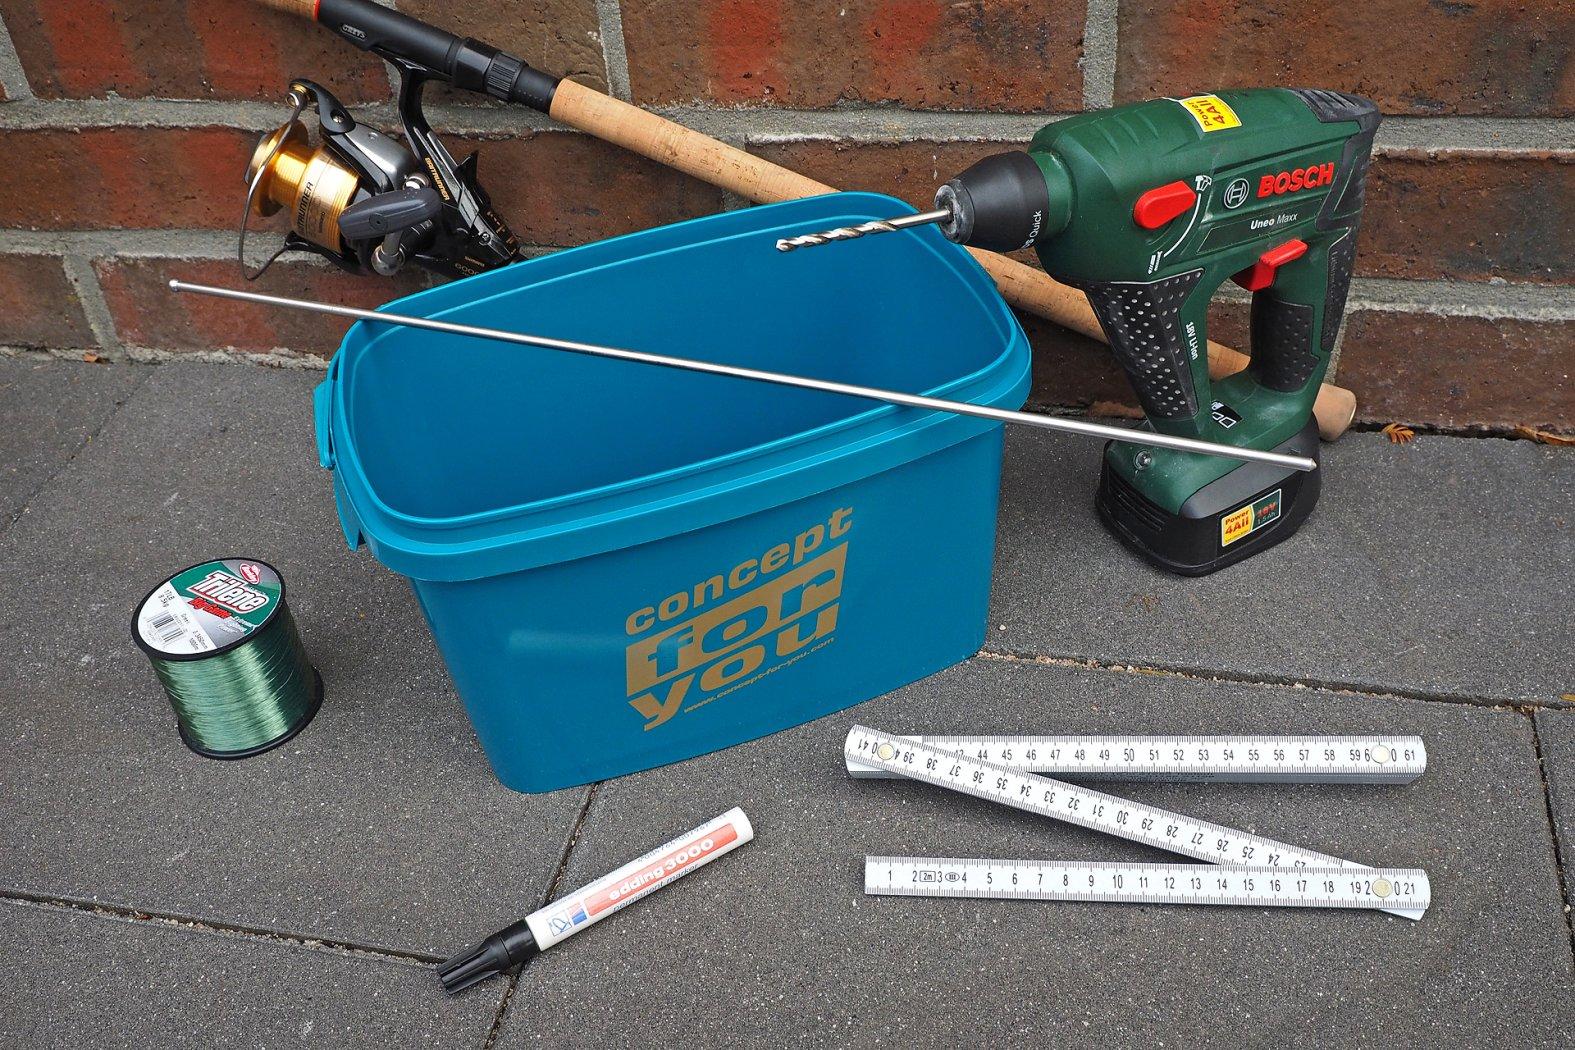 Schnuraufspulhilfe selber bauen